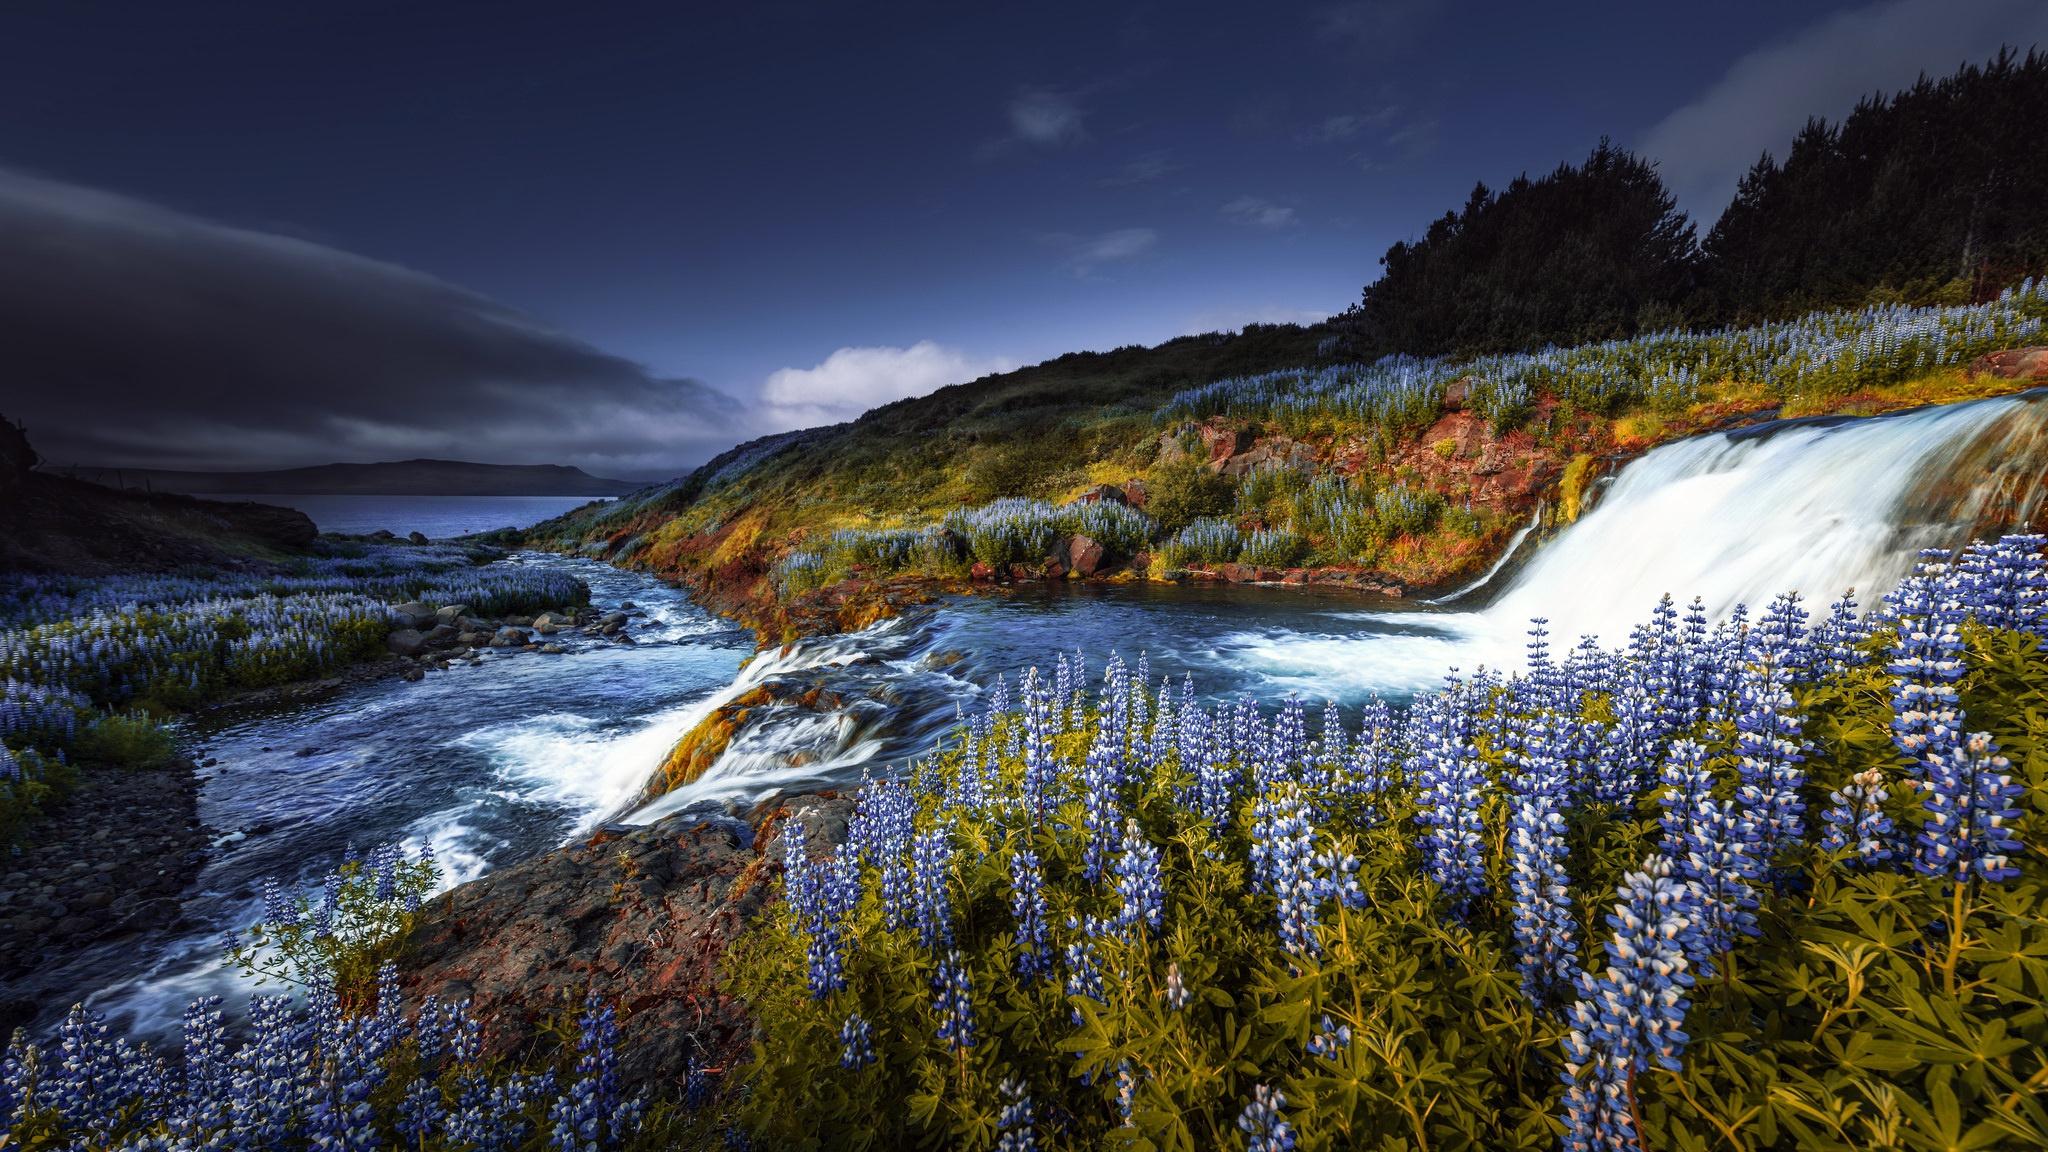 Картинки поляна с рекой цветами водопадом